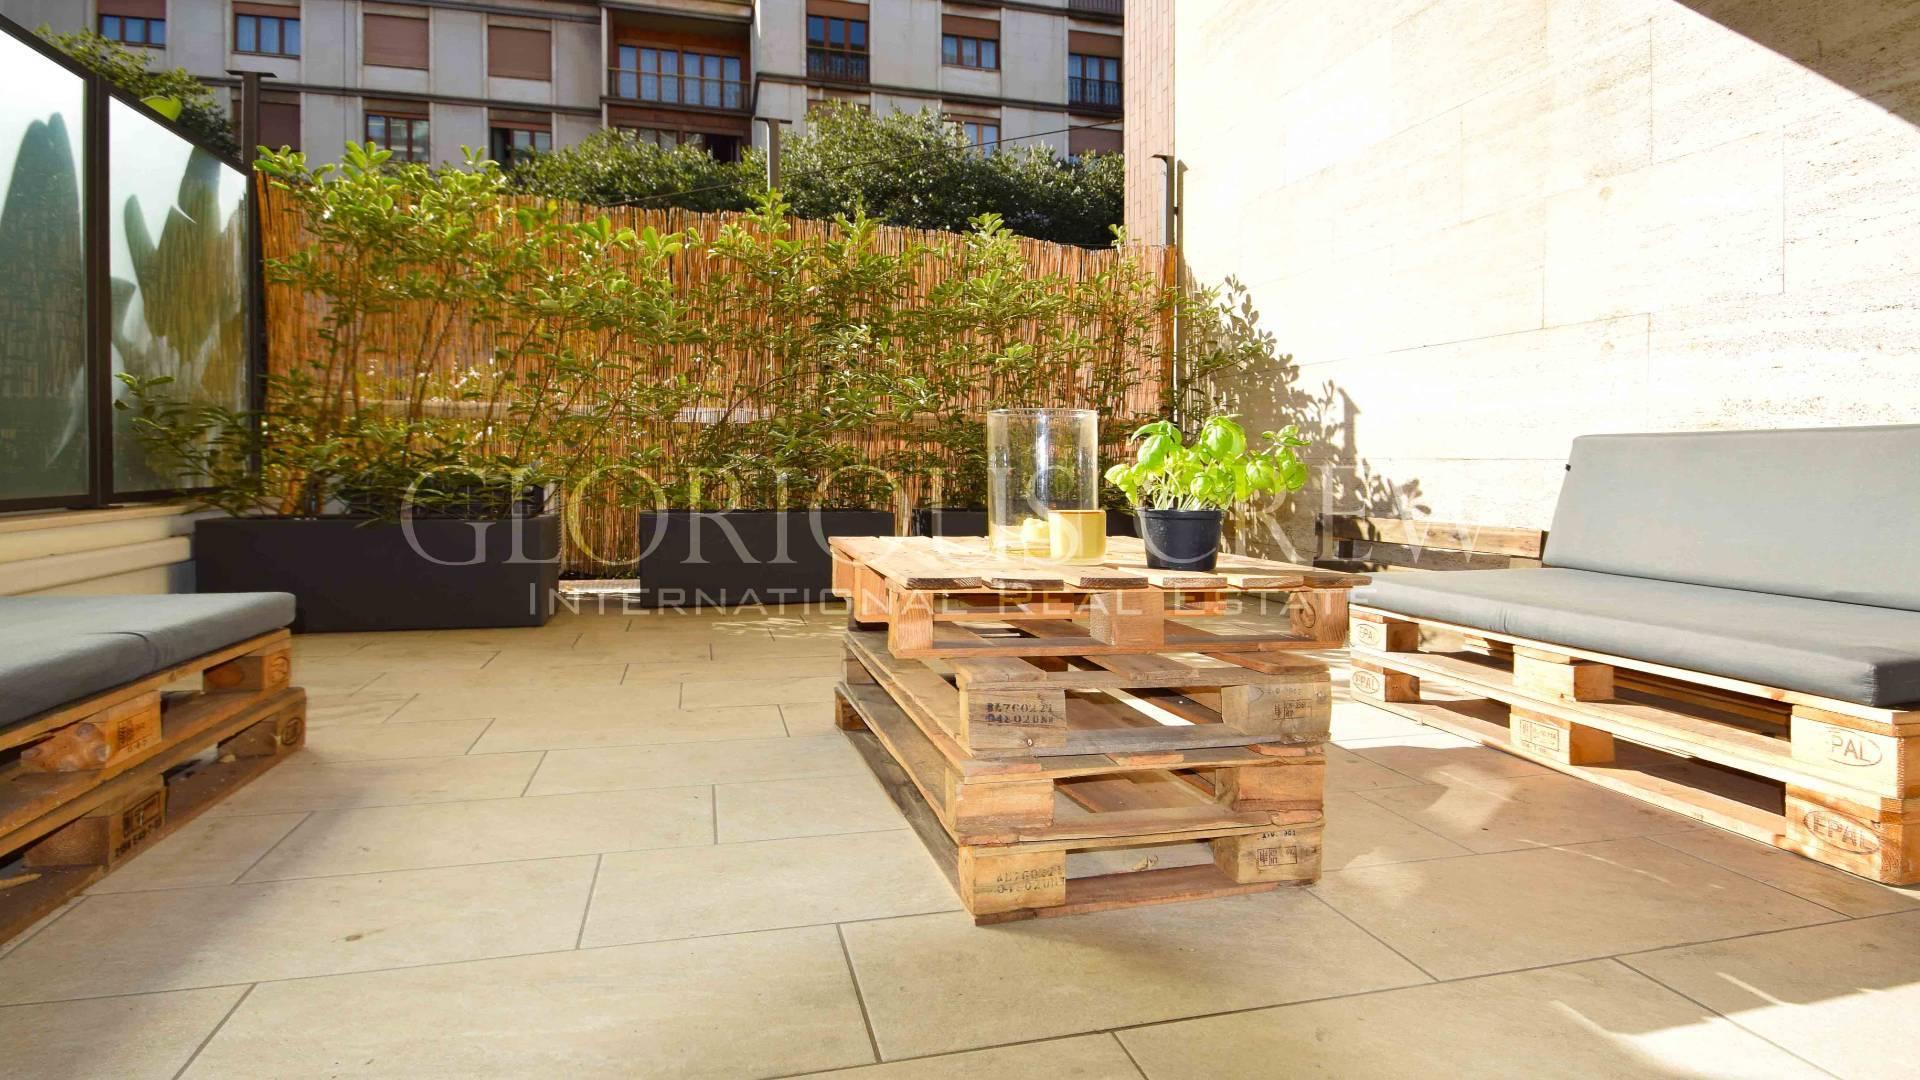 Appartamento in Vendita a Milano: 1 locali, 45 mq - Foto 1